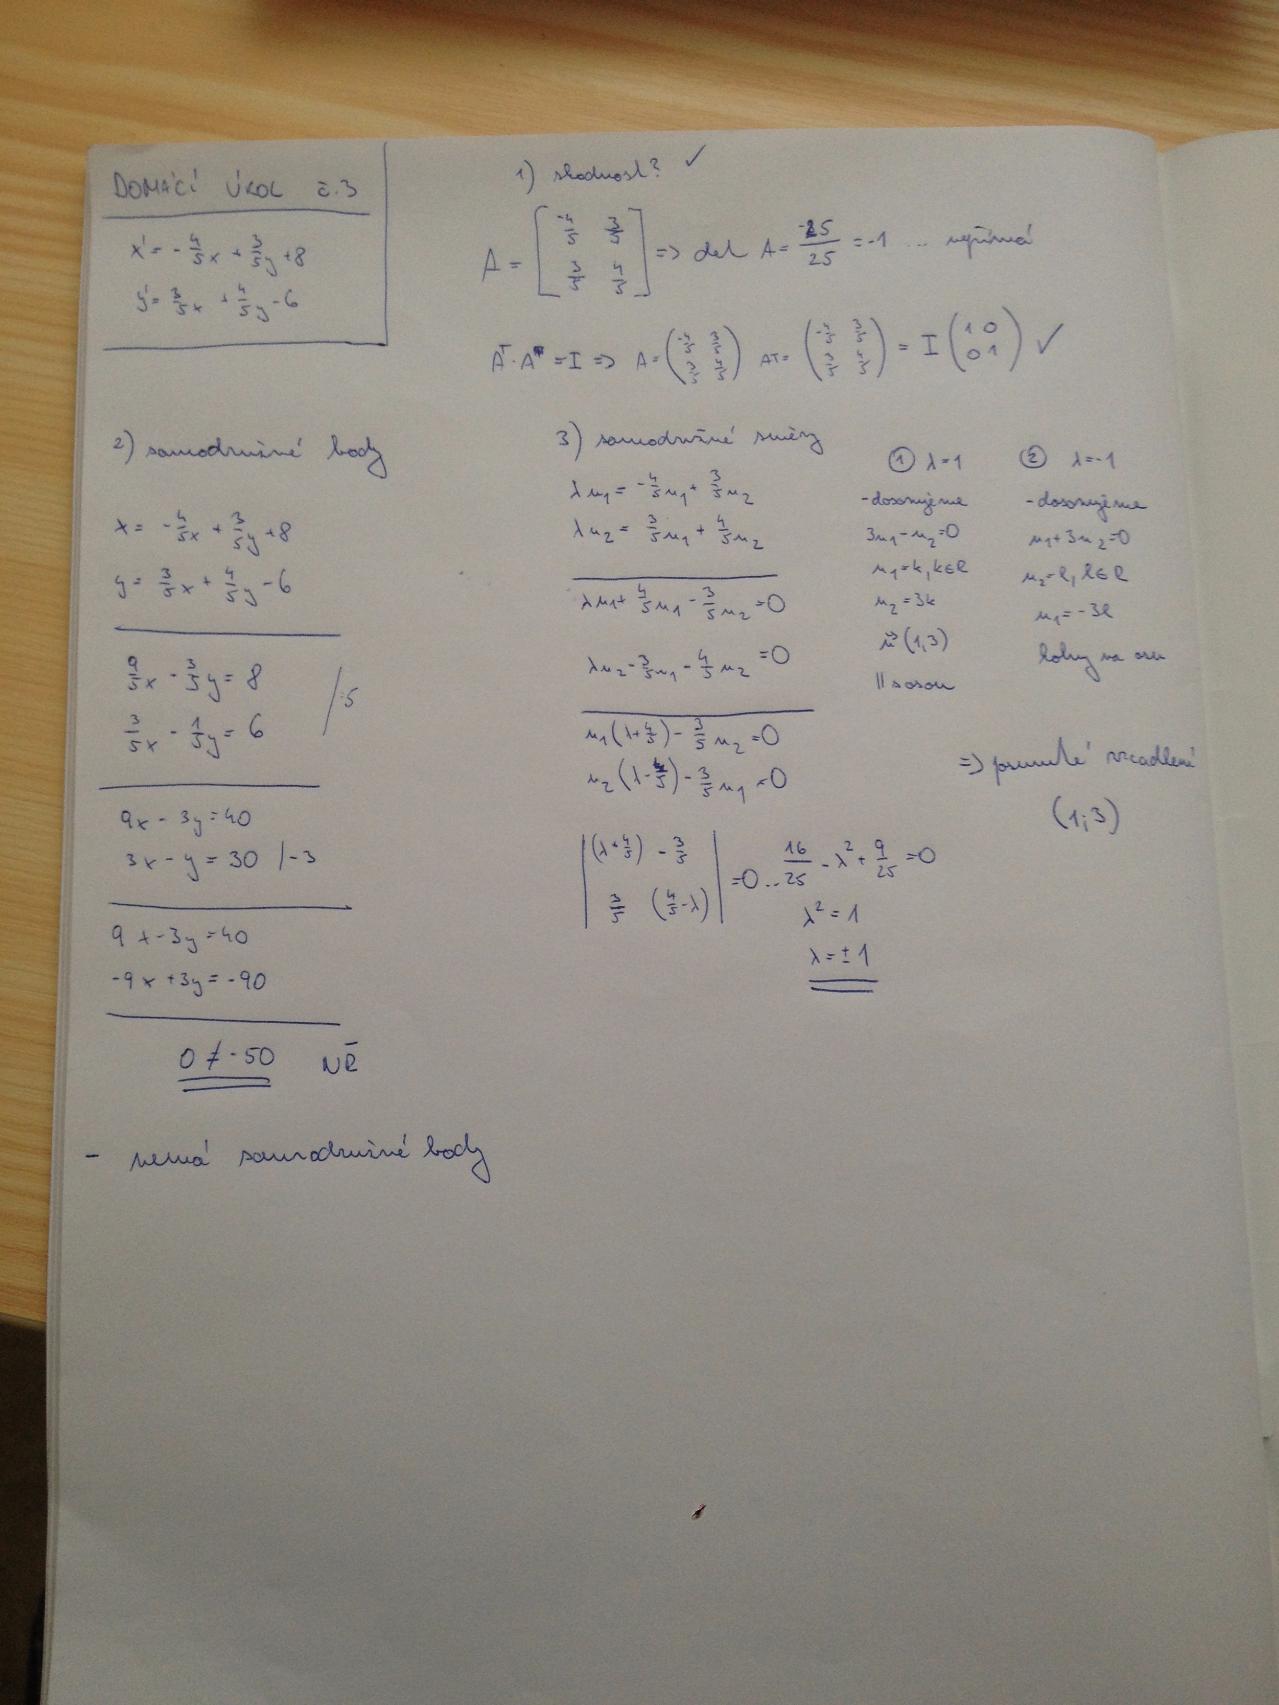 Domácí úkol č. 3